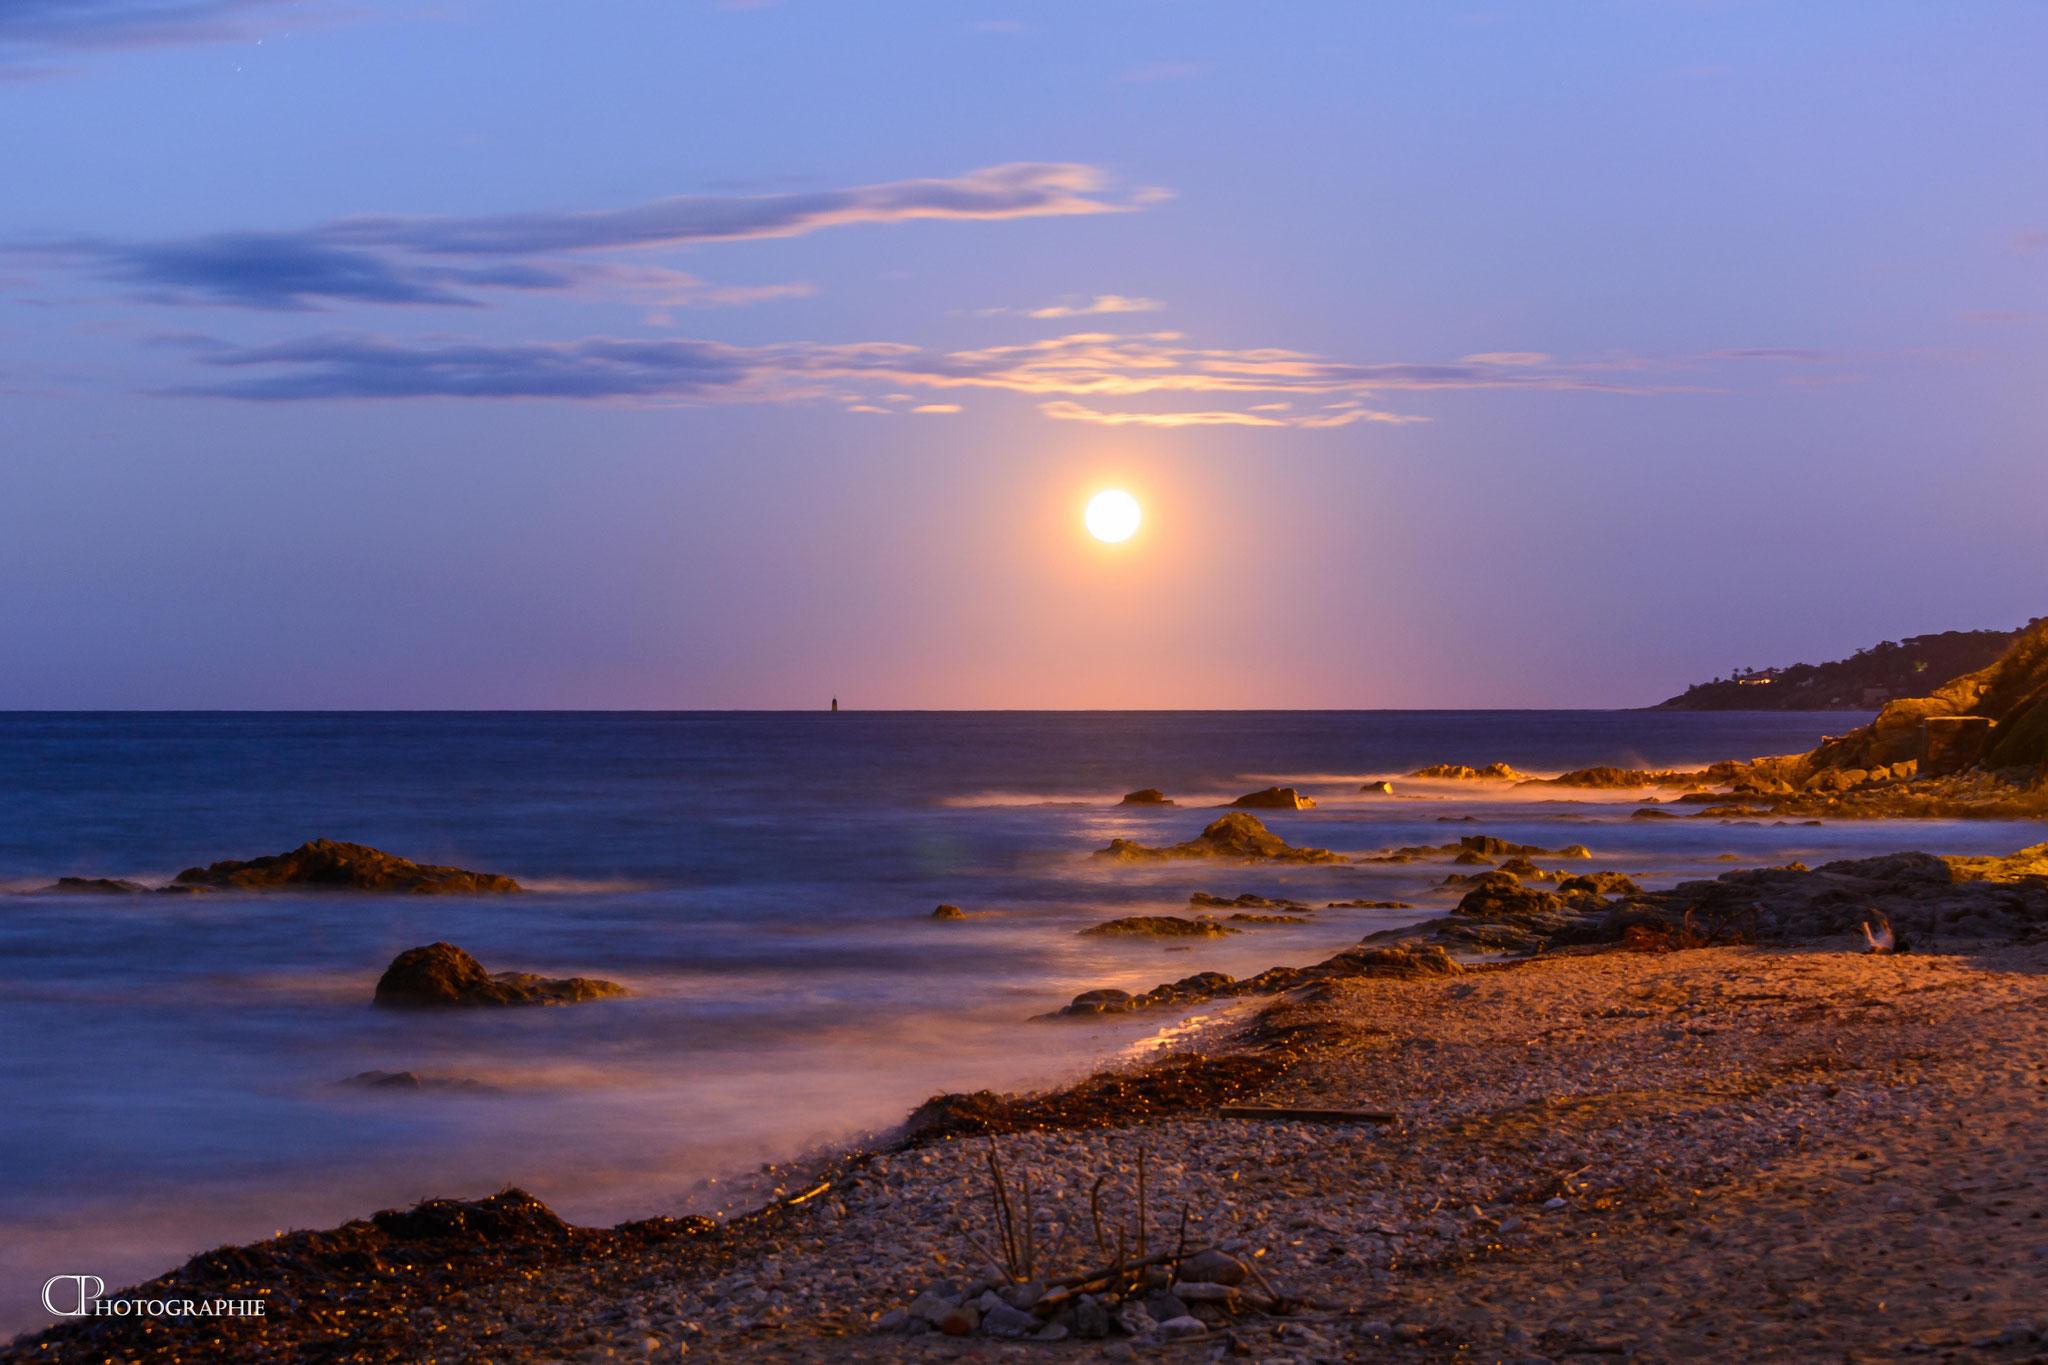 La plage illuminée par les rayons lunaires - Photo 4